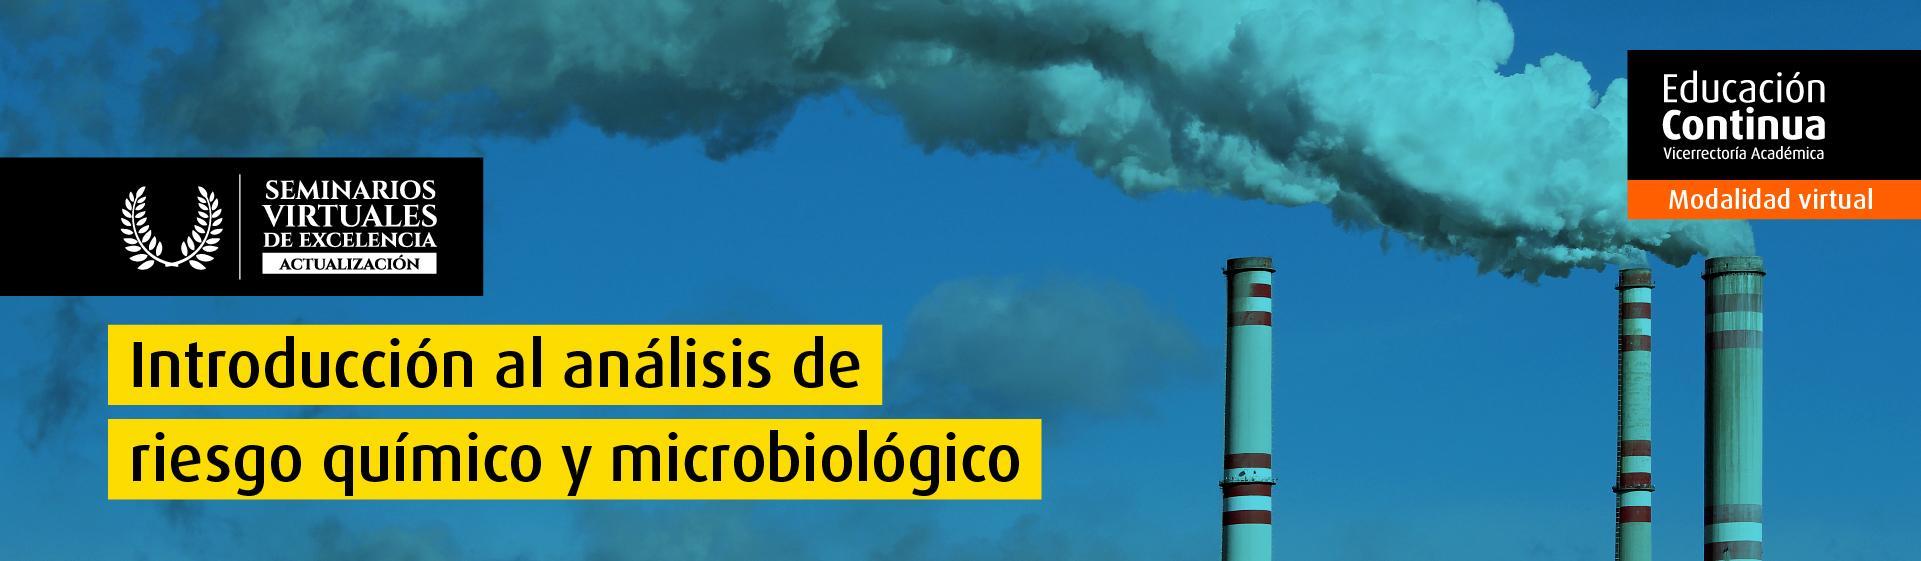 Introducción al análisis de riesgo químico y microbiológico